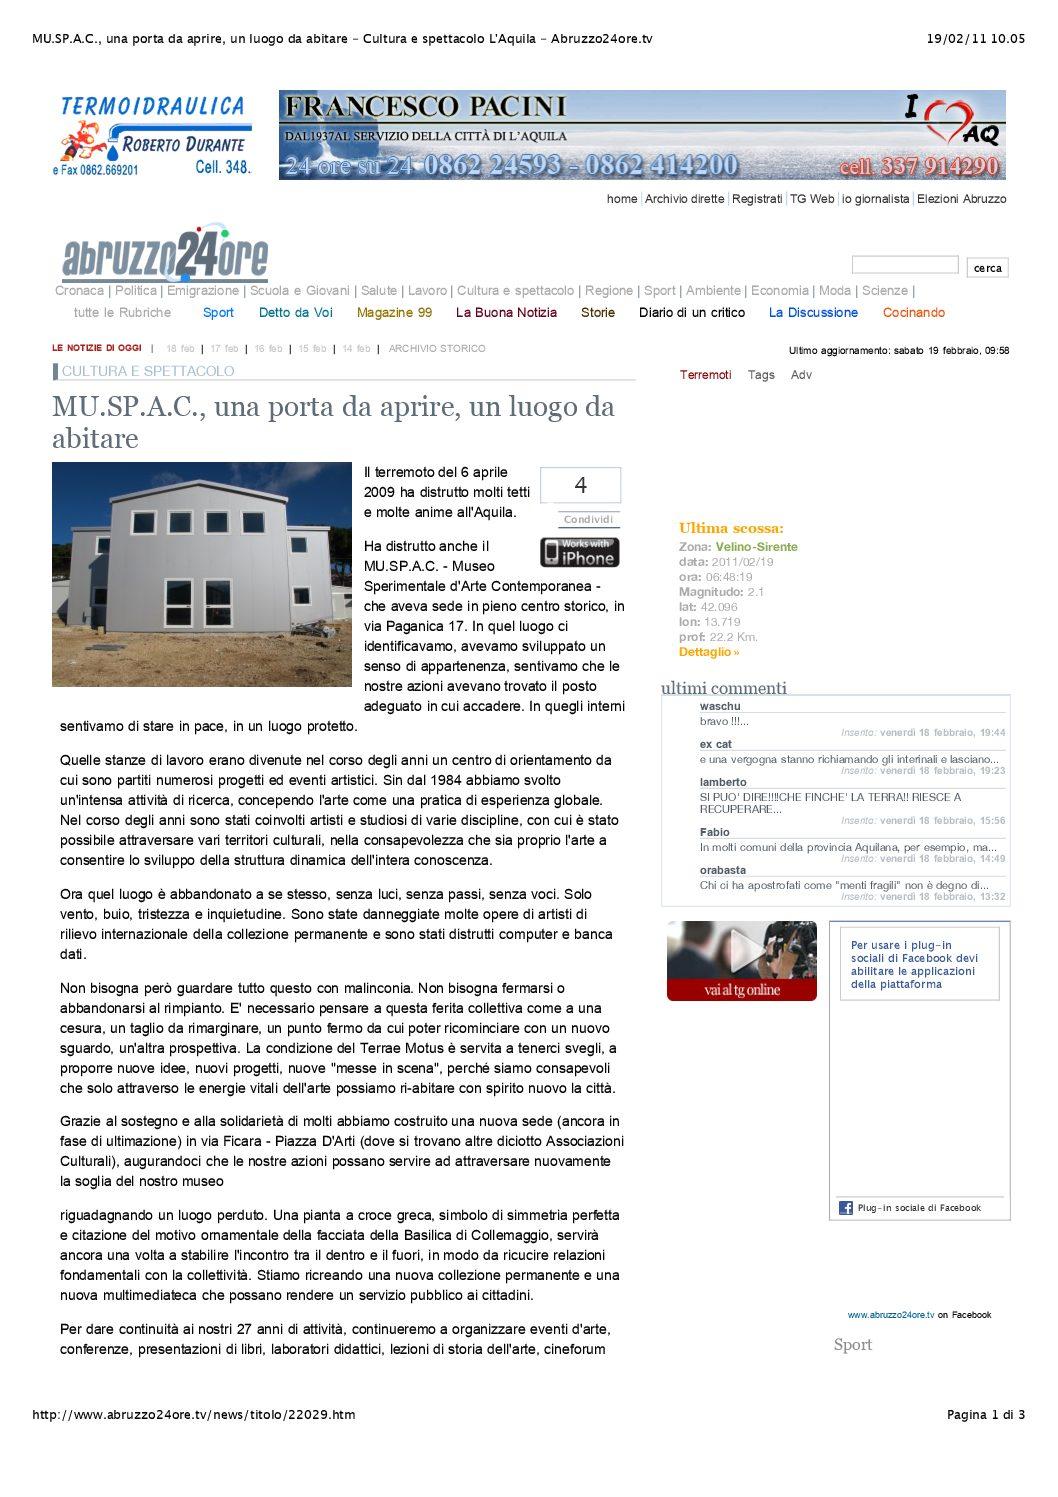 MU.SP.A.C., una porta da aprire, un luogo da abitare - Abruzzo24ore.tv (trascinato)